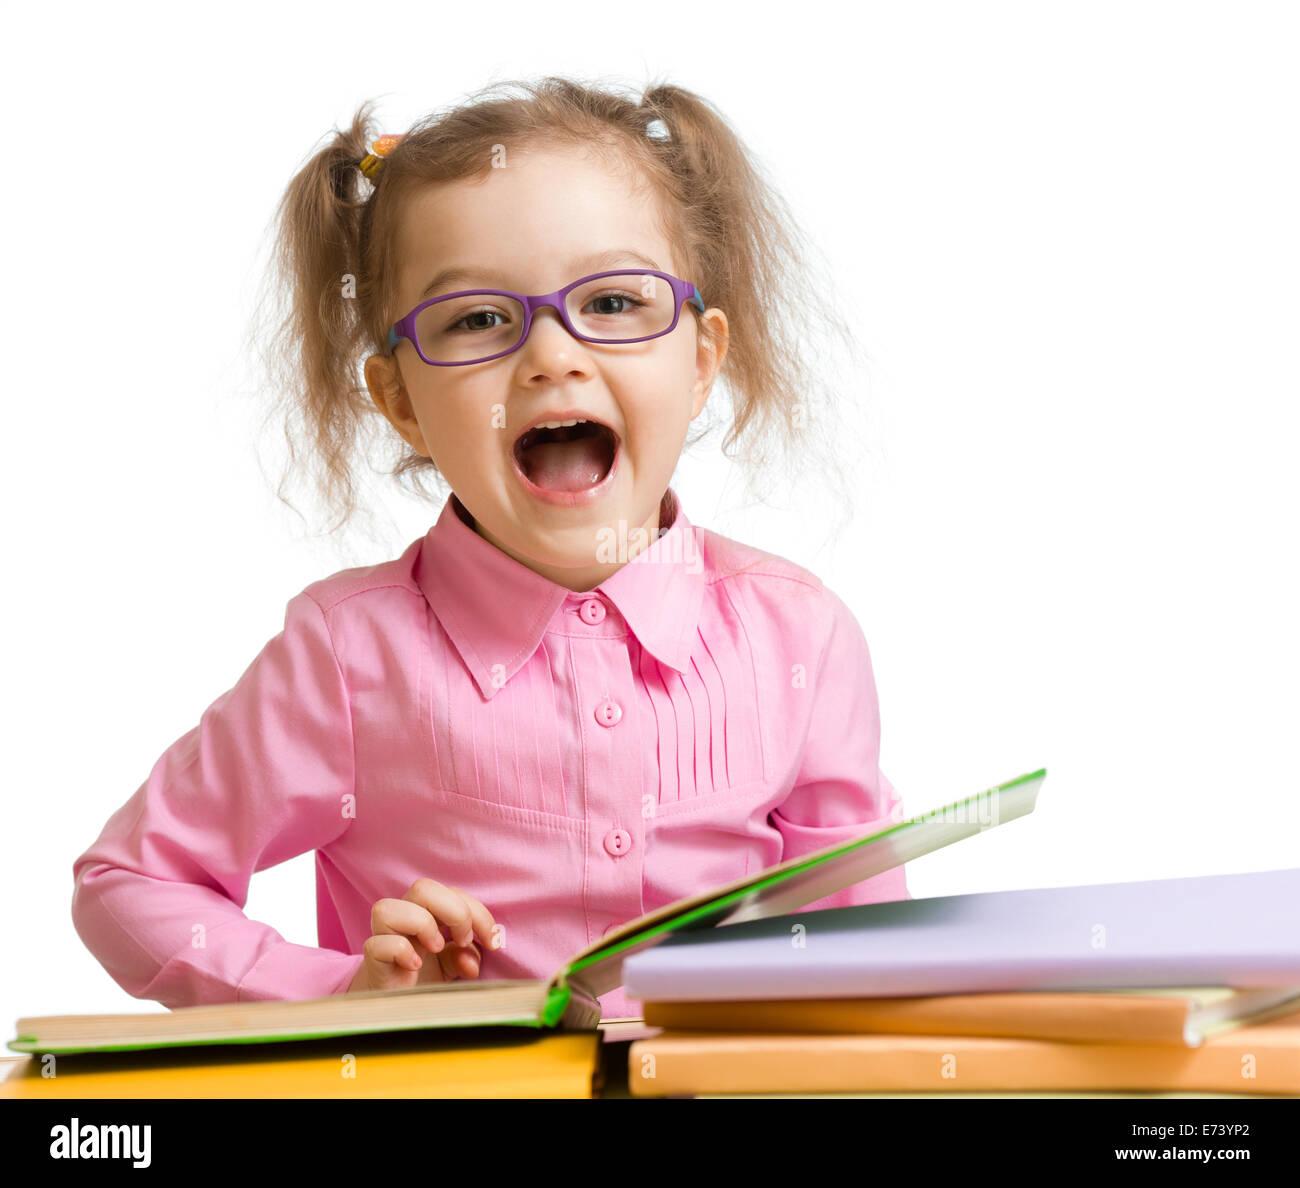 Funny kid ragazza in bicchieri con libri parlando qualcosa di isolato su bianco Immagini Stock